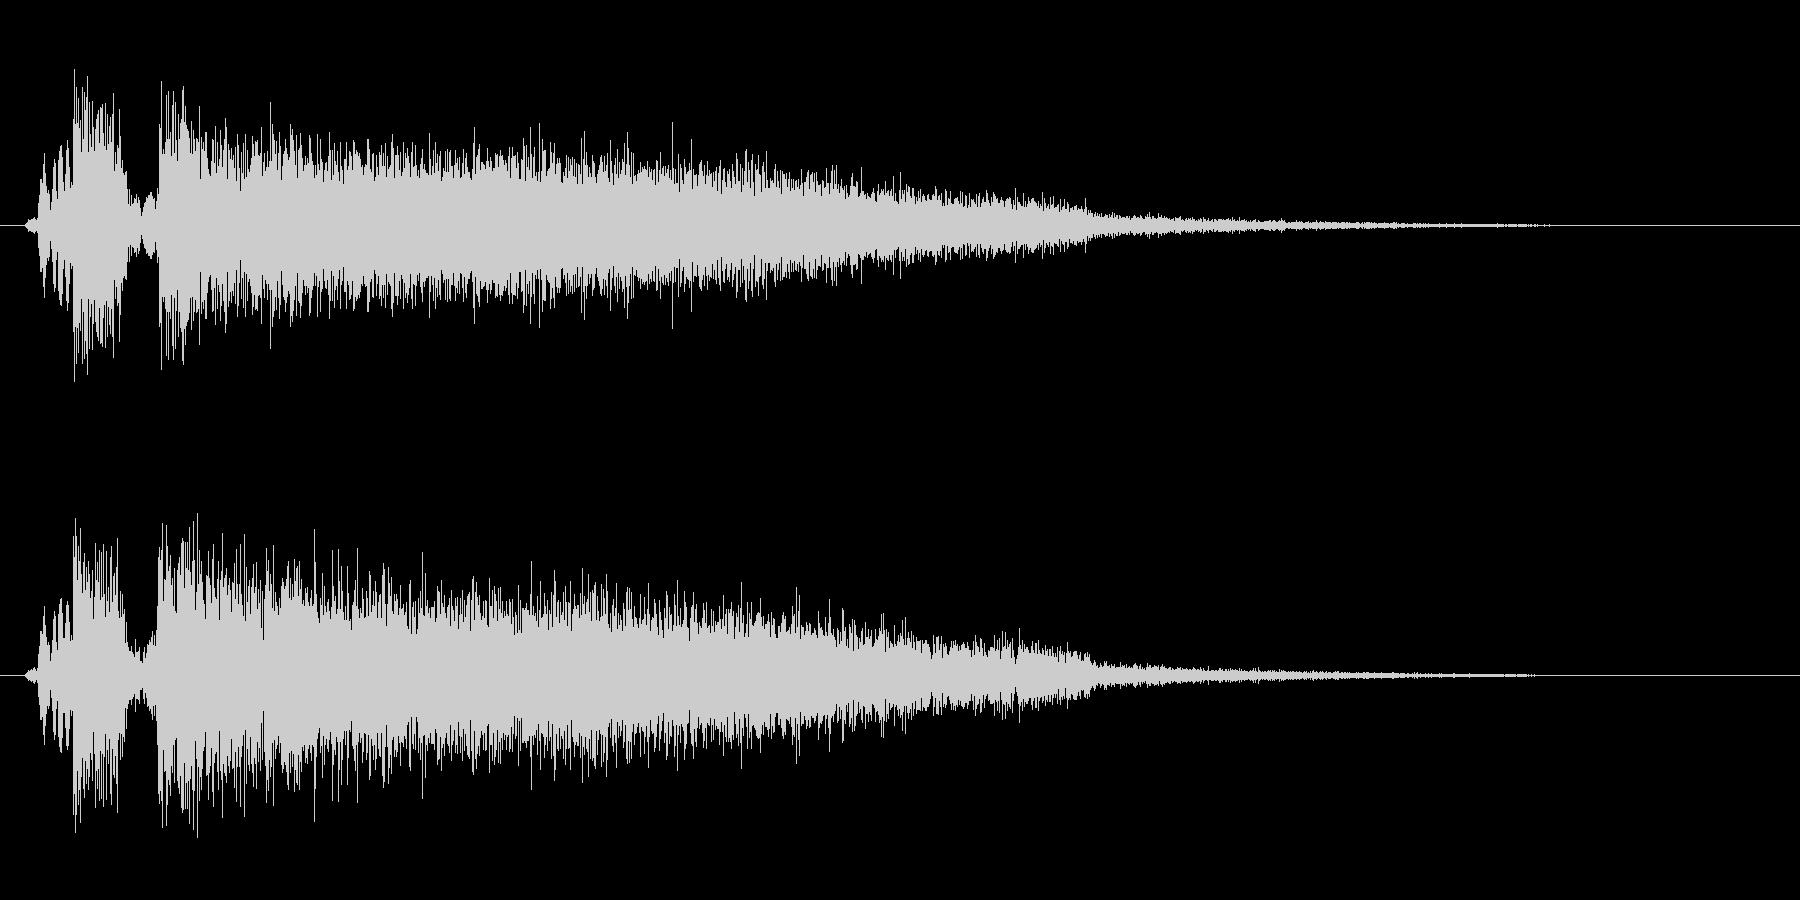 ドシューッ(勢いを感じる効果音)の未再生の波形